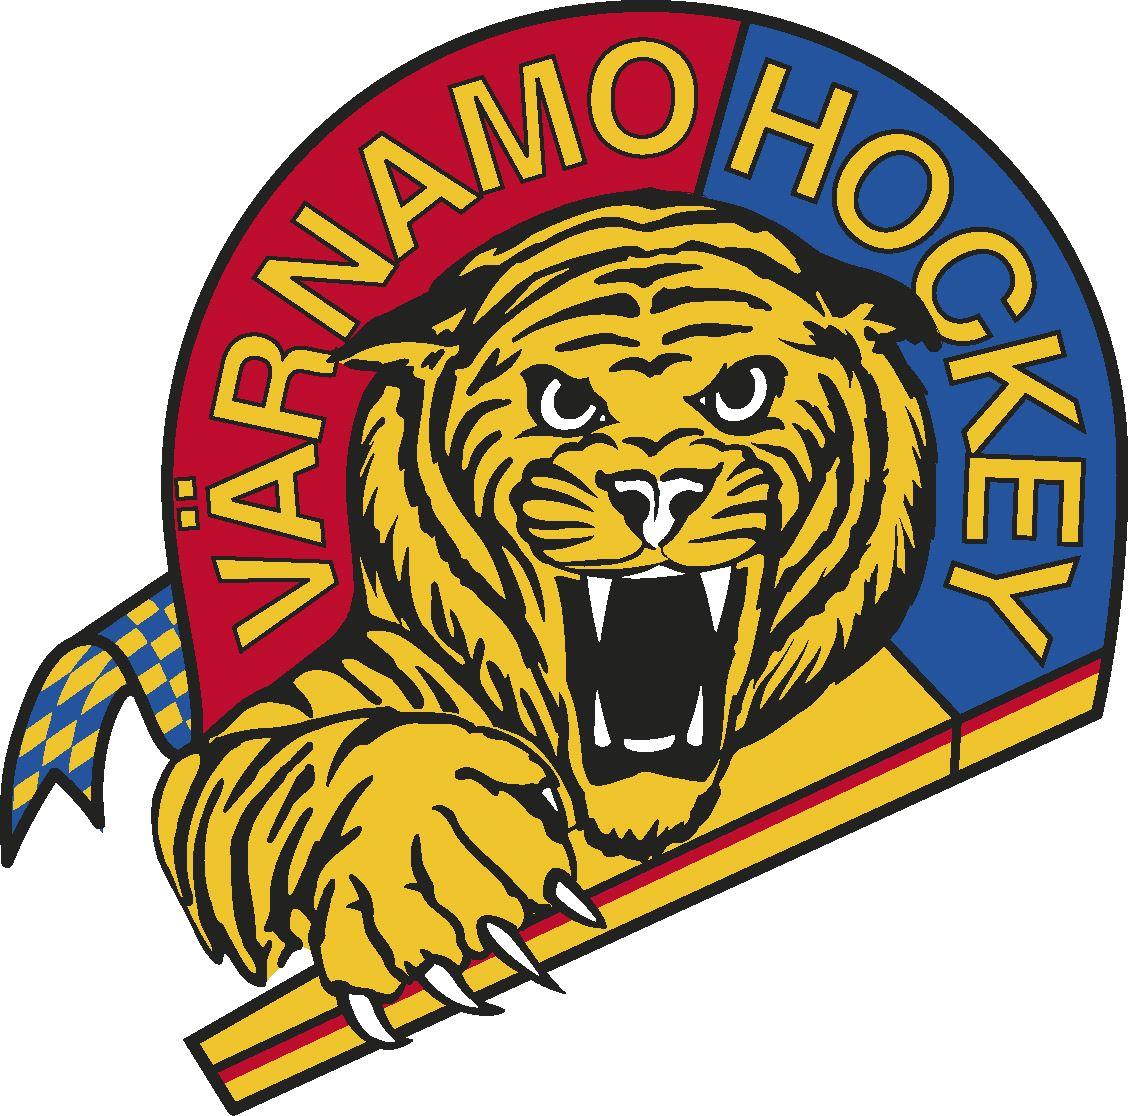 Värnamo Hockey - Alvesta SK